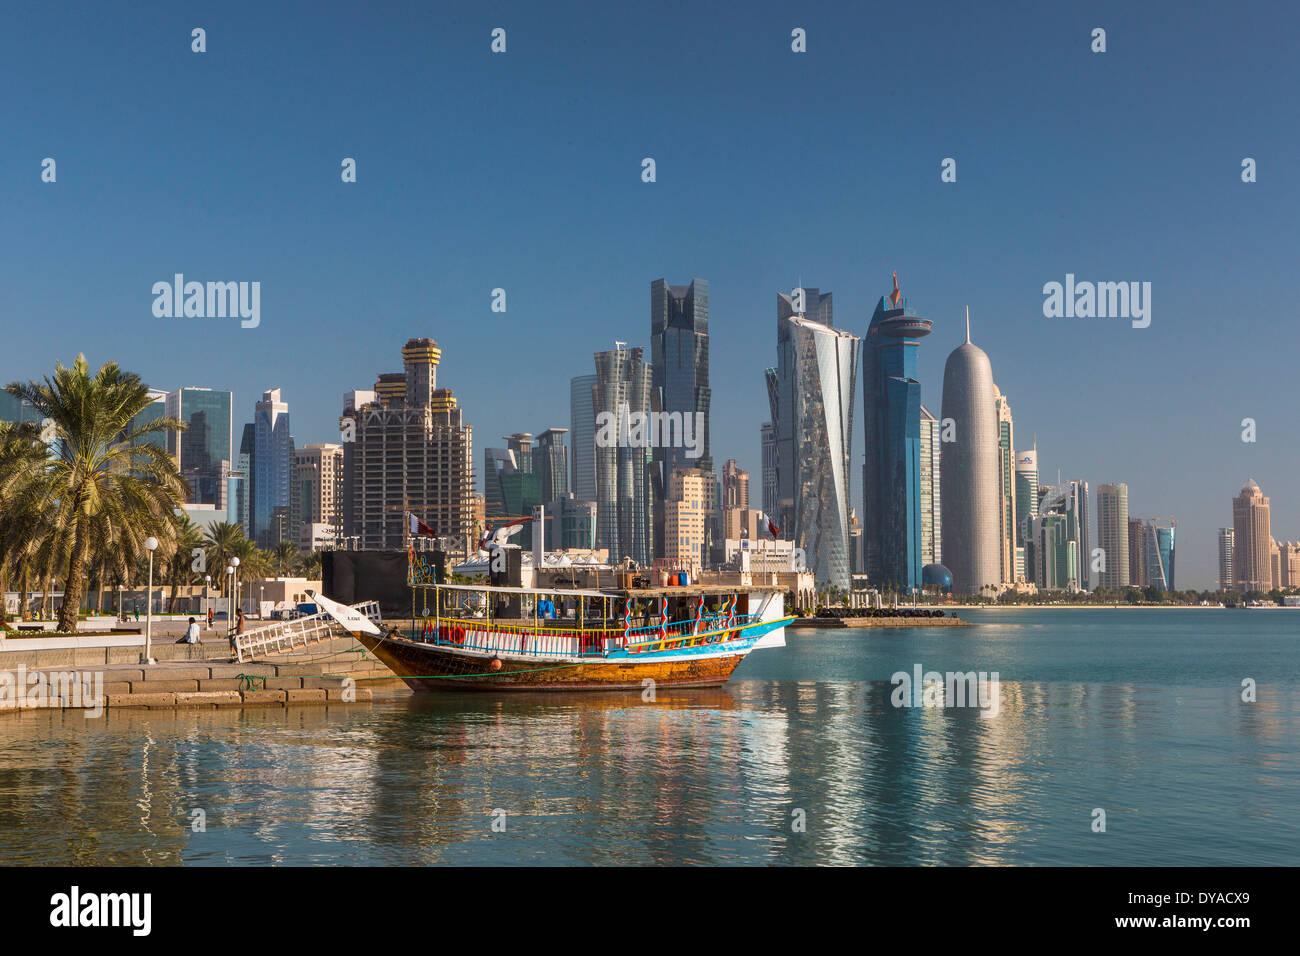 Al Bidda Burj Doha Qatar Middle East World Trade Center architecture bay boat city colourful corniche futuristic palm tree p - Stock Image